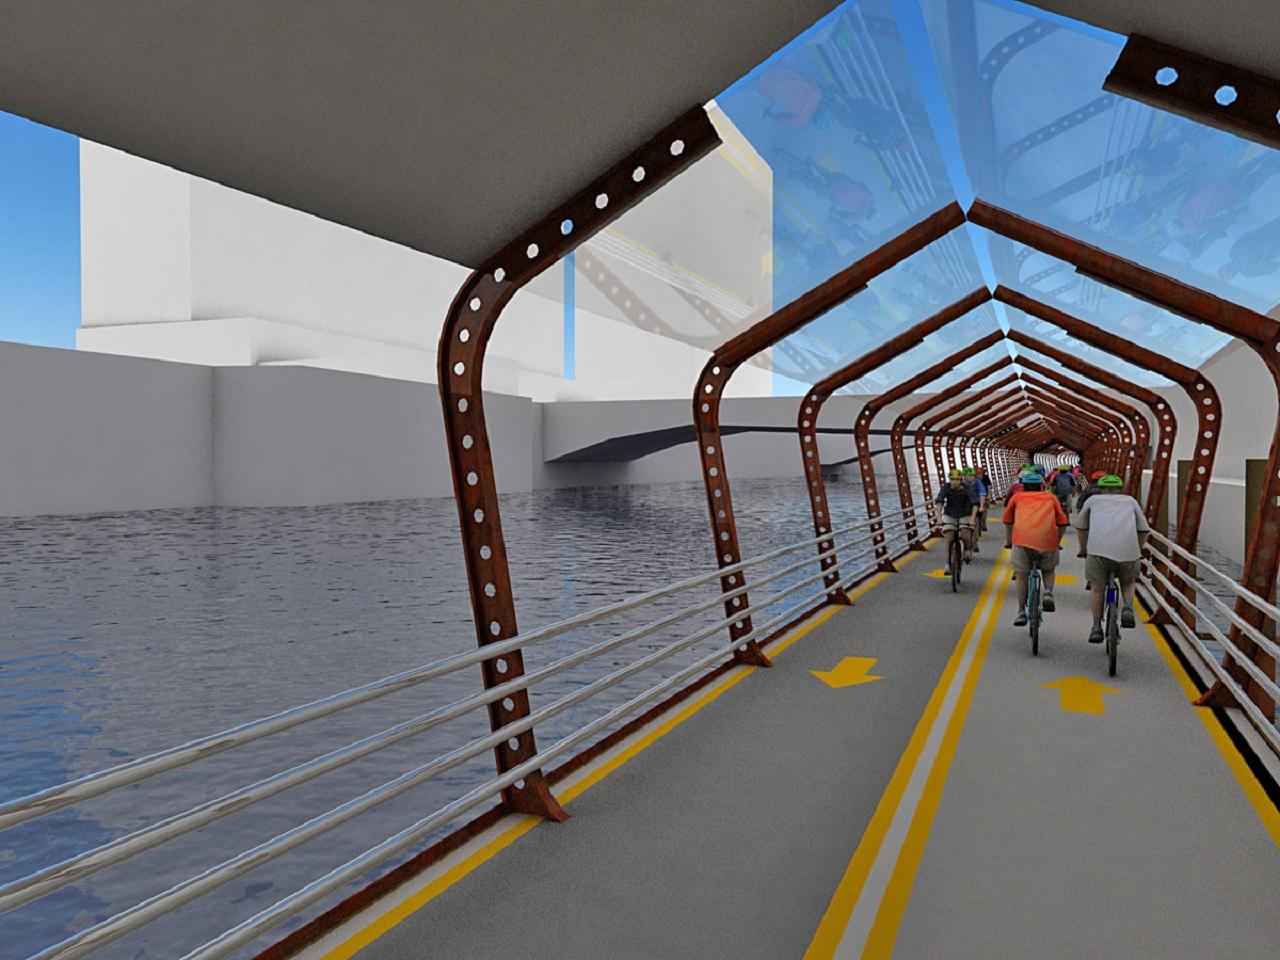 carril bici flotante Chicago